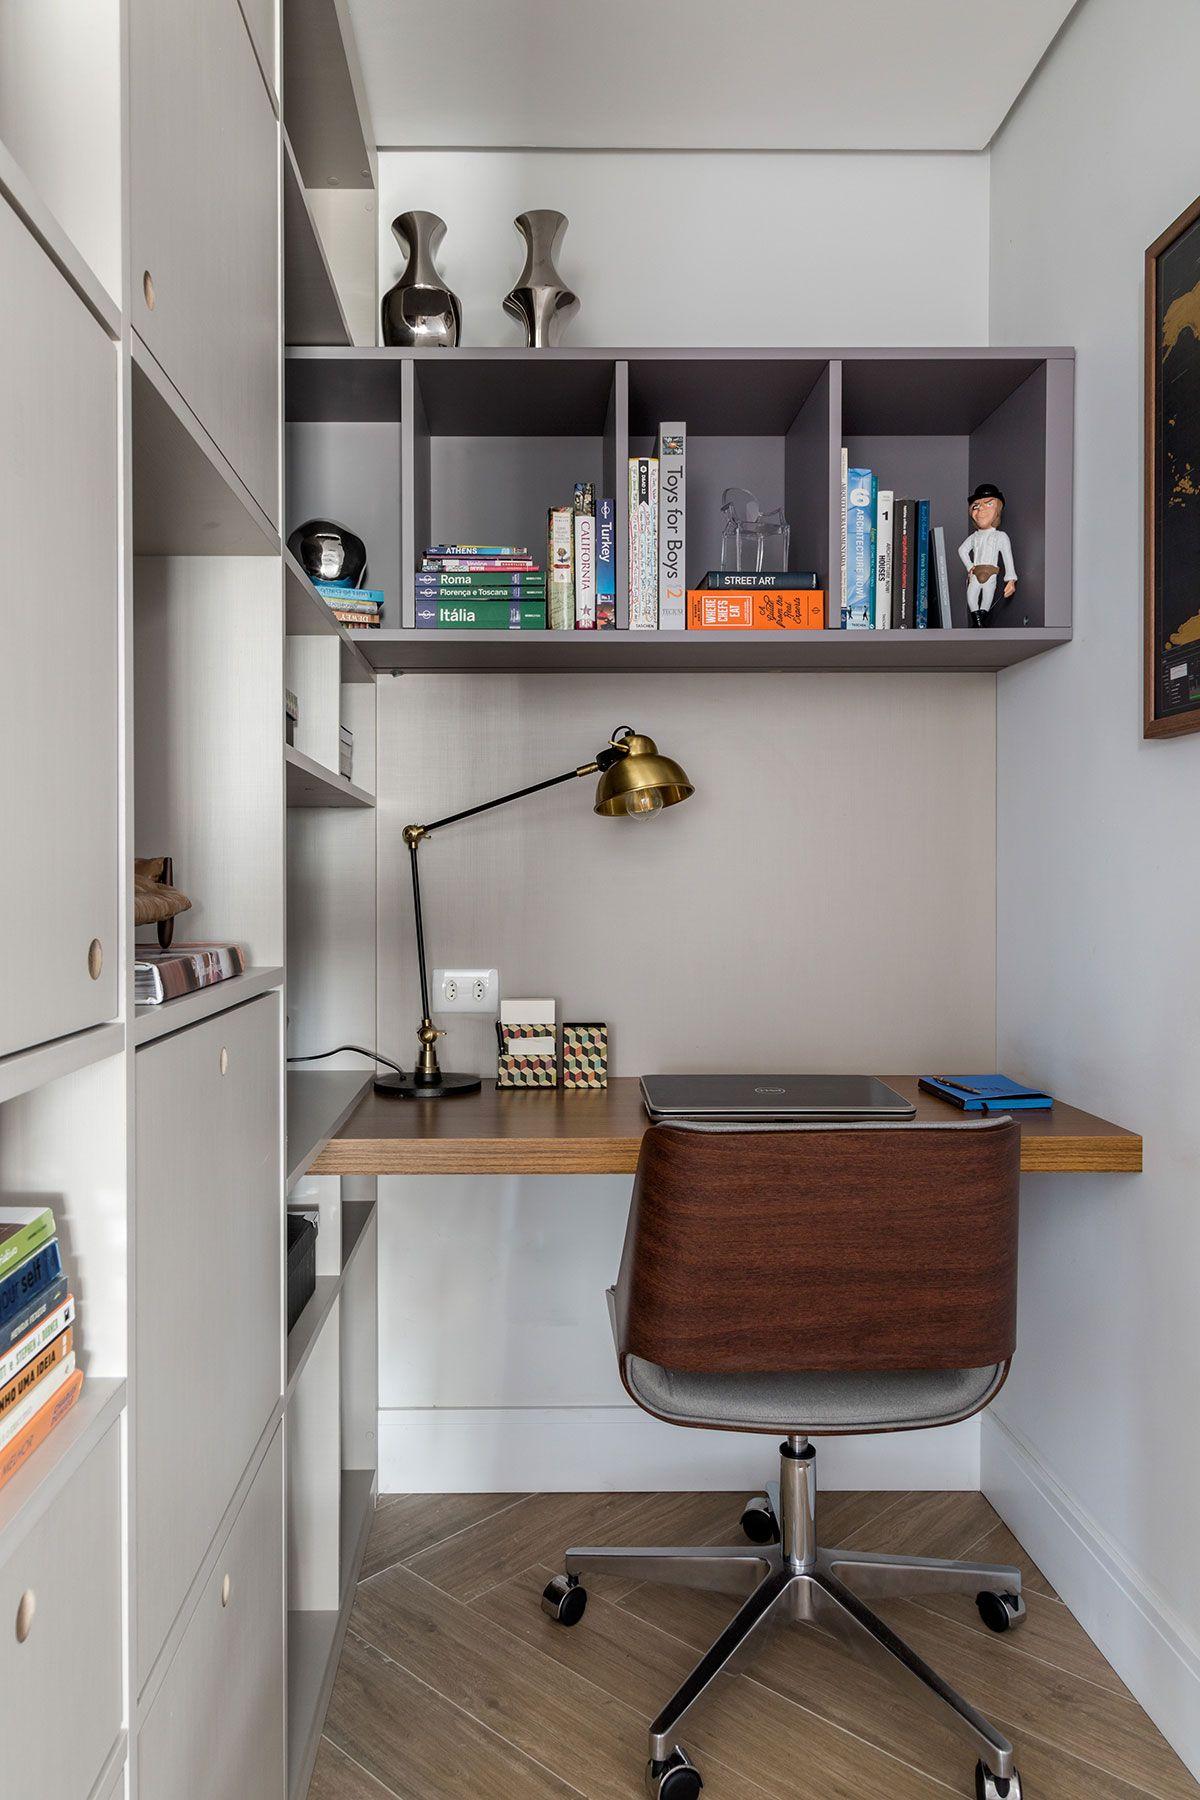 turkey home office. Decoração De Apartamento Moderno E Cinza. No Escritório Em Casa, Home Office, Luminária Turkey Office T